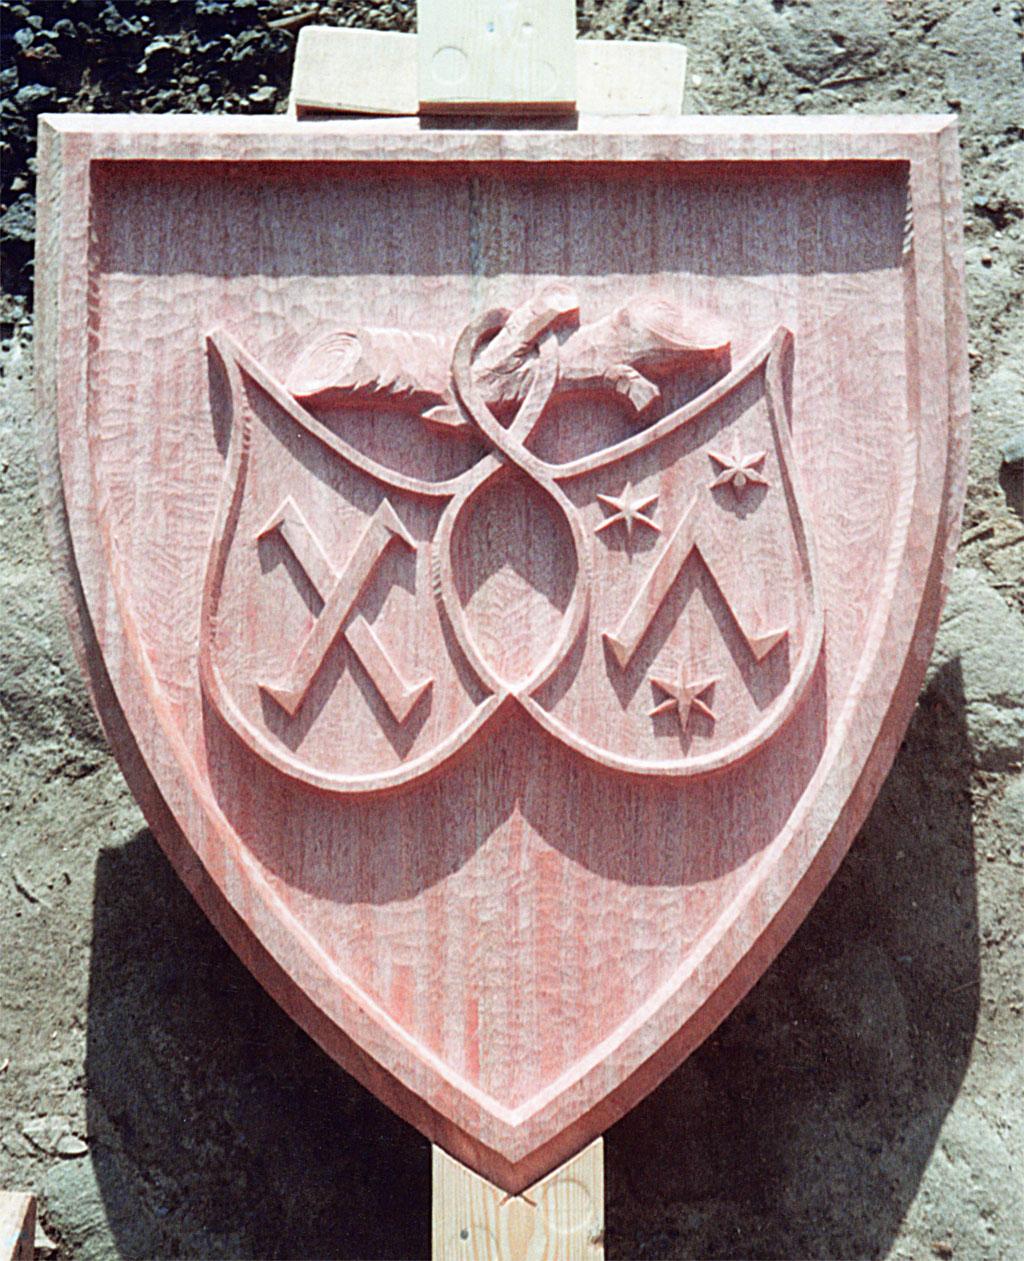 Wappenschild aus Holz geschnitzt mit dem Motiv der Druckermarke Fust und Schöffer.